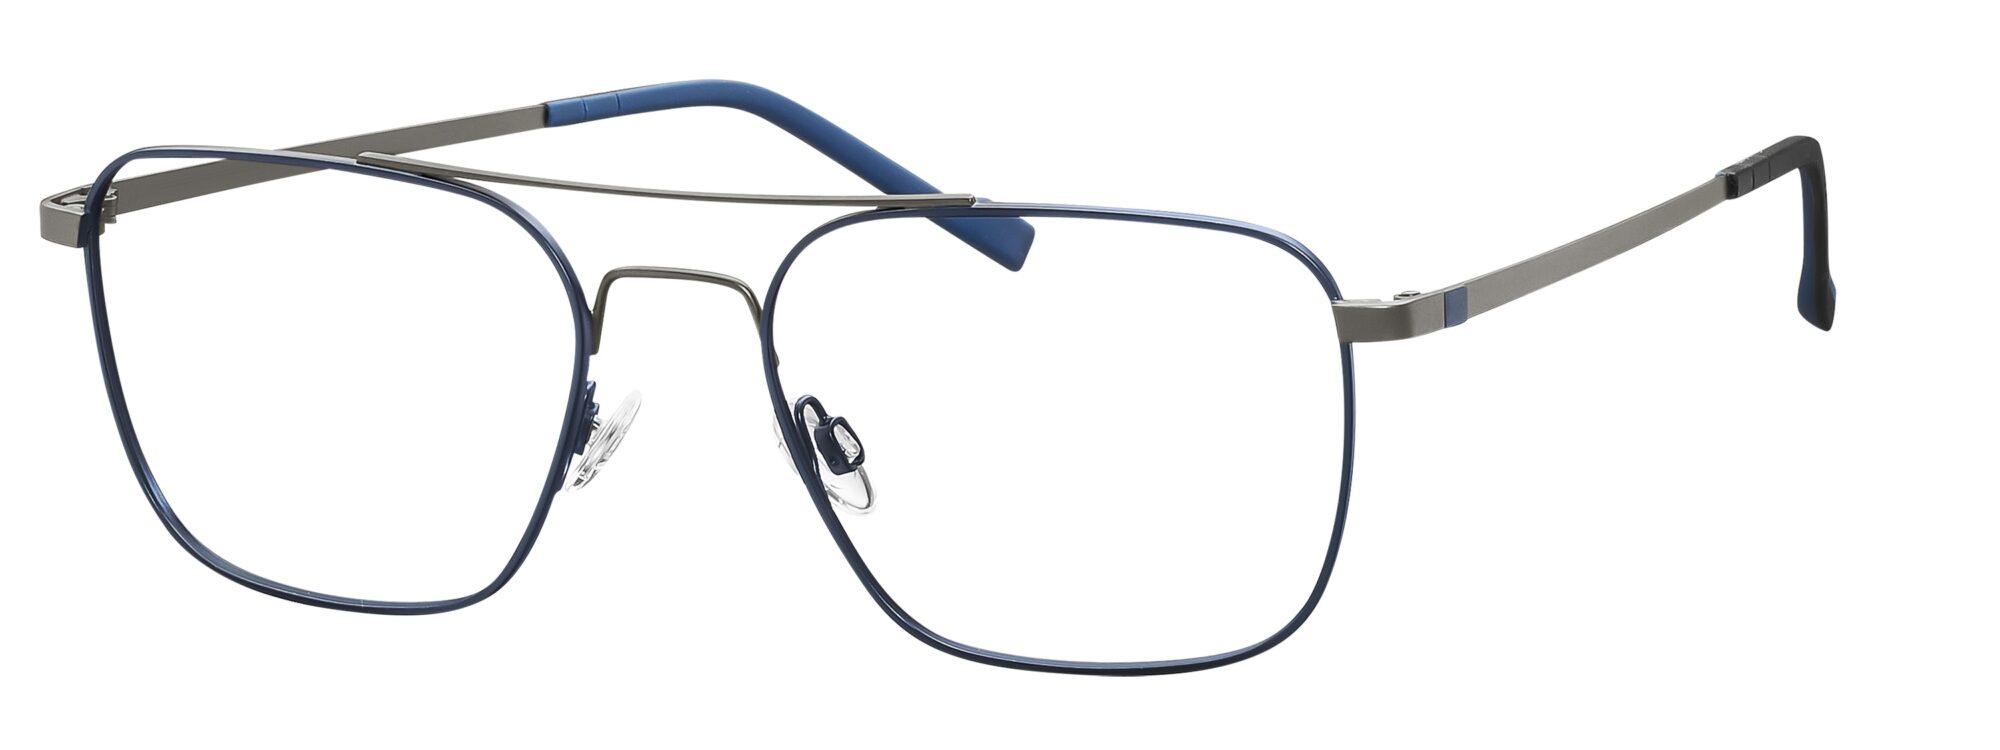 TITANFLEX - 850091-37